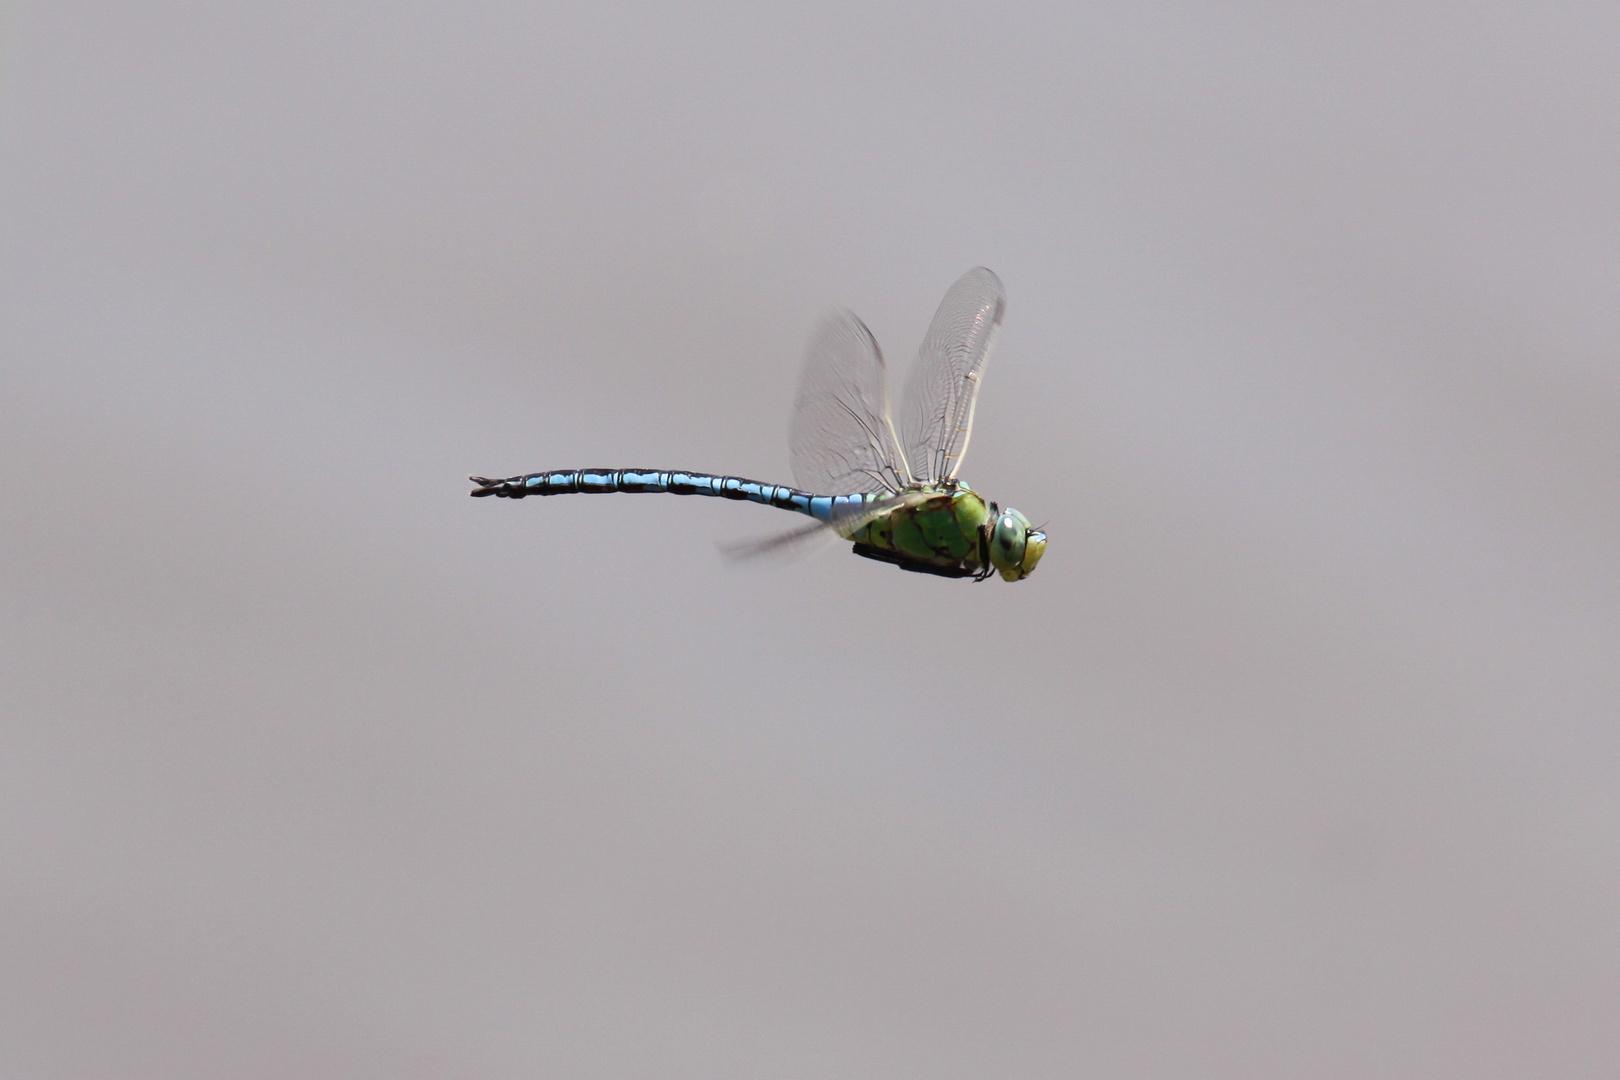 Libelle im Flug 3